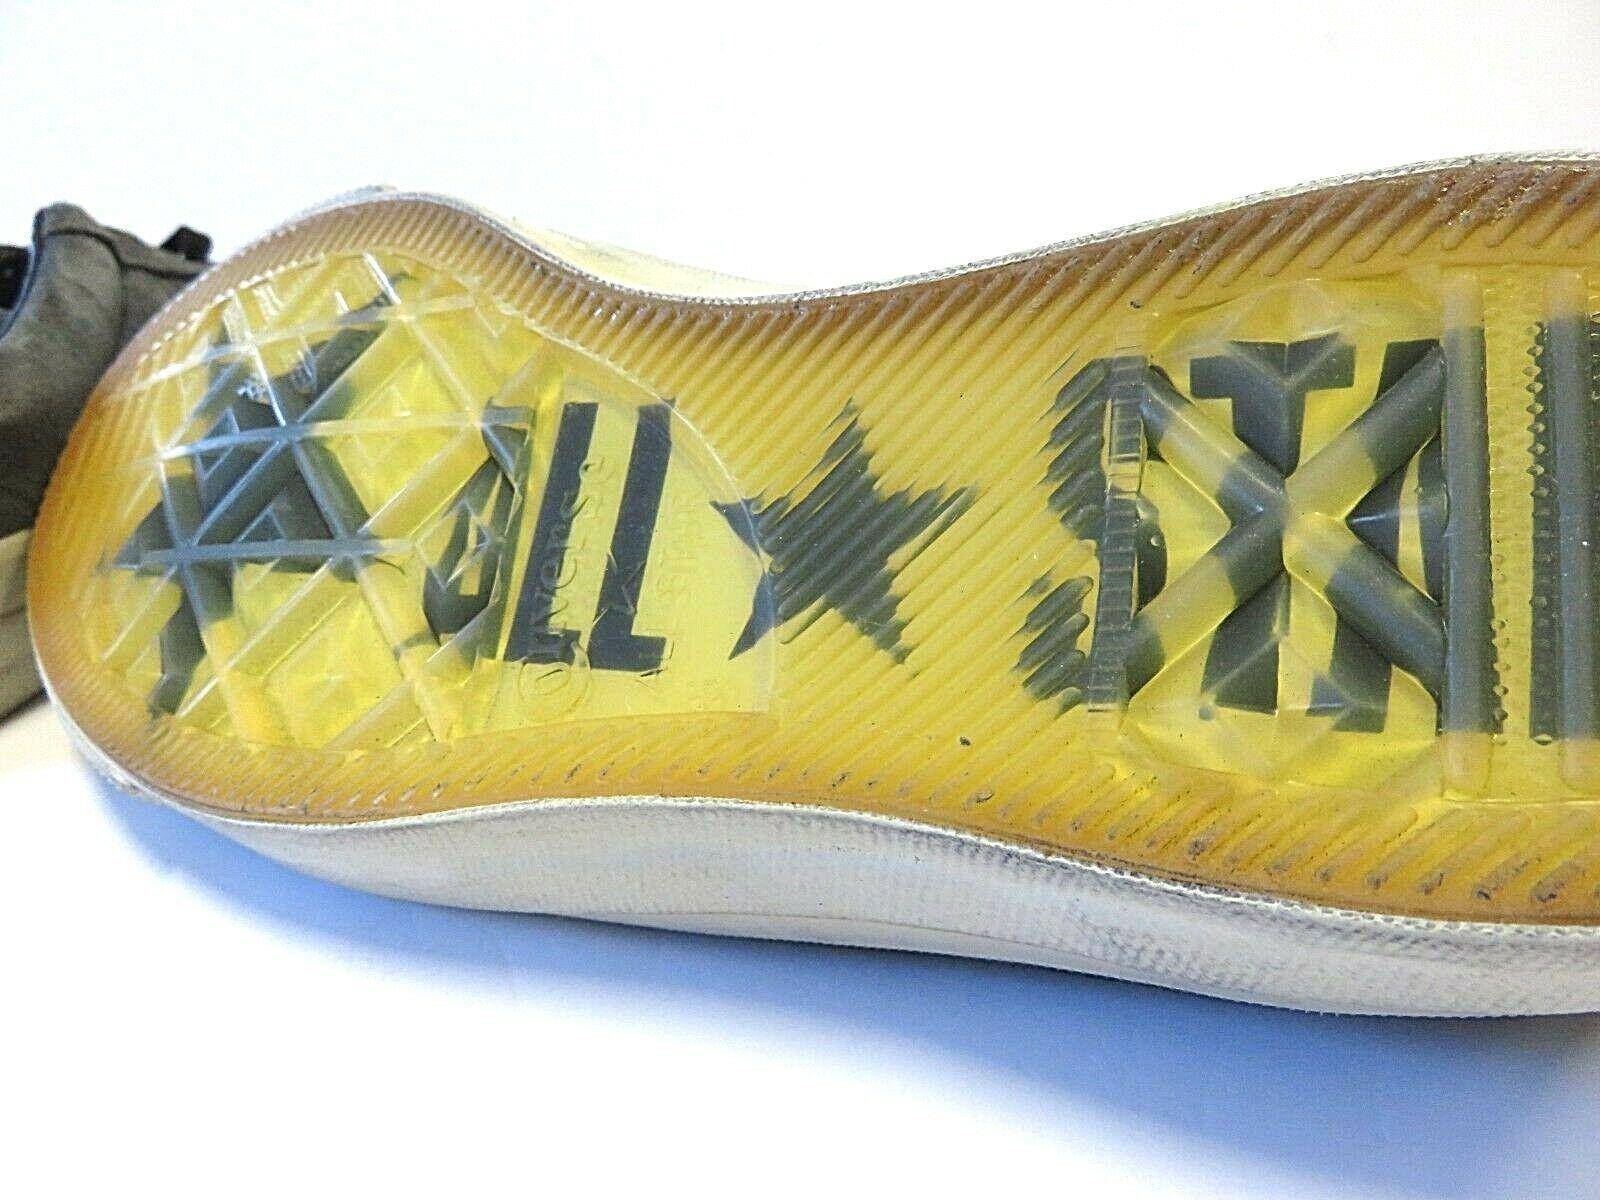 NEW Converse x John Varvatos Grey Star Shoes Size Men's 5.5 Women's 7.5 Low Top image 9